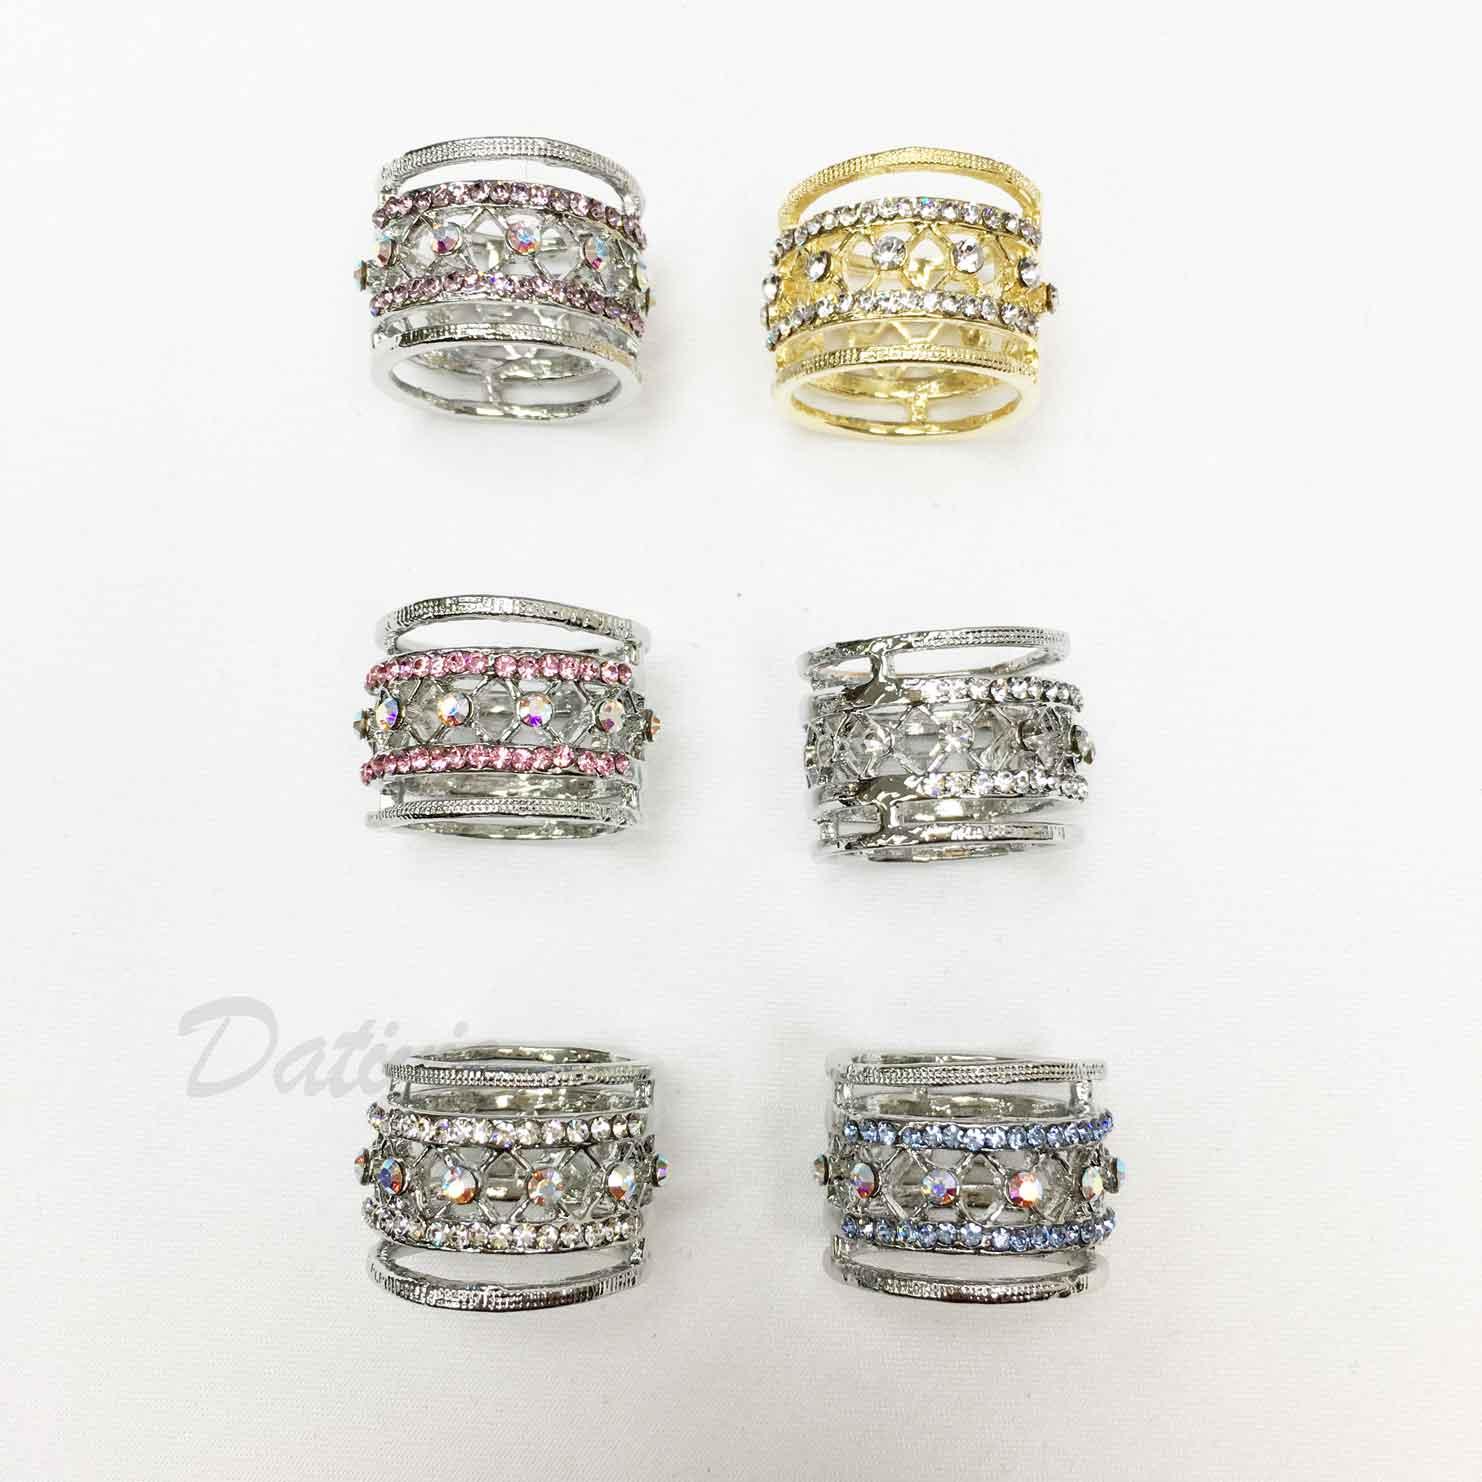 圖騰 紋路 花紋 水鑽 白鑽 金色 六色 絲巾環